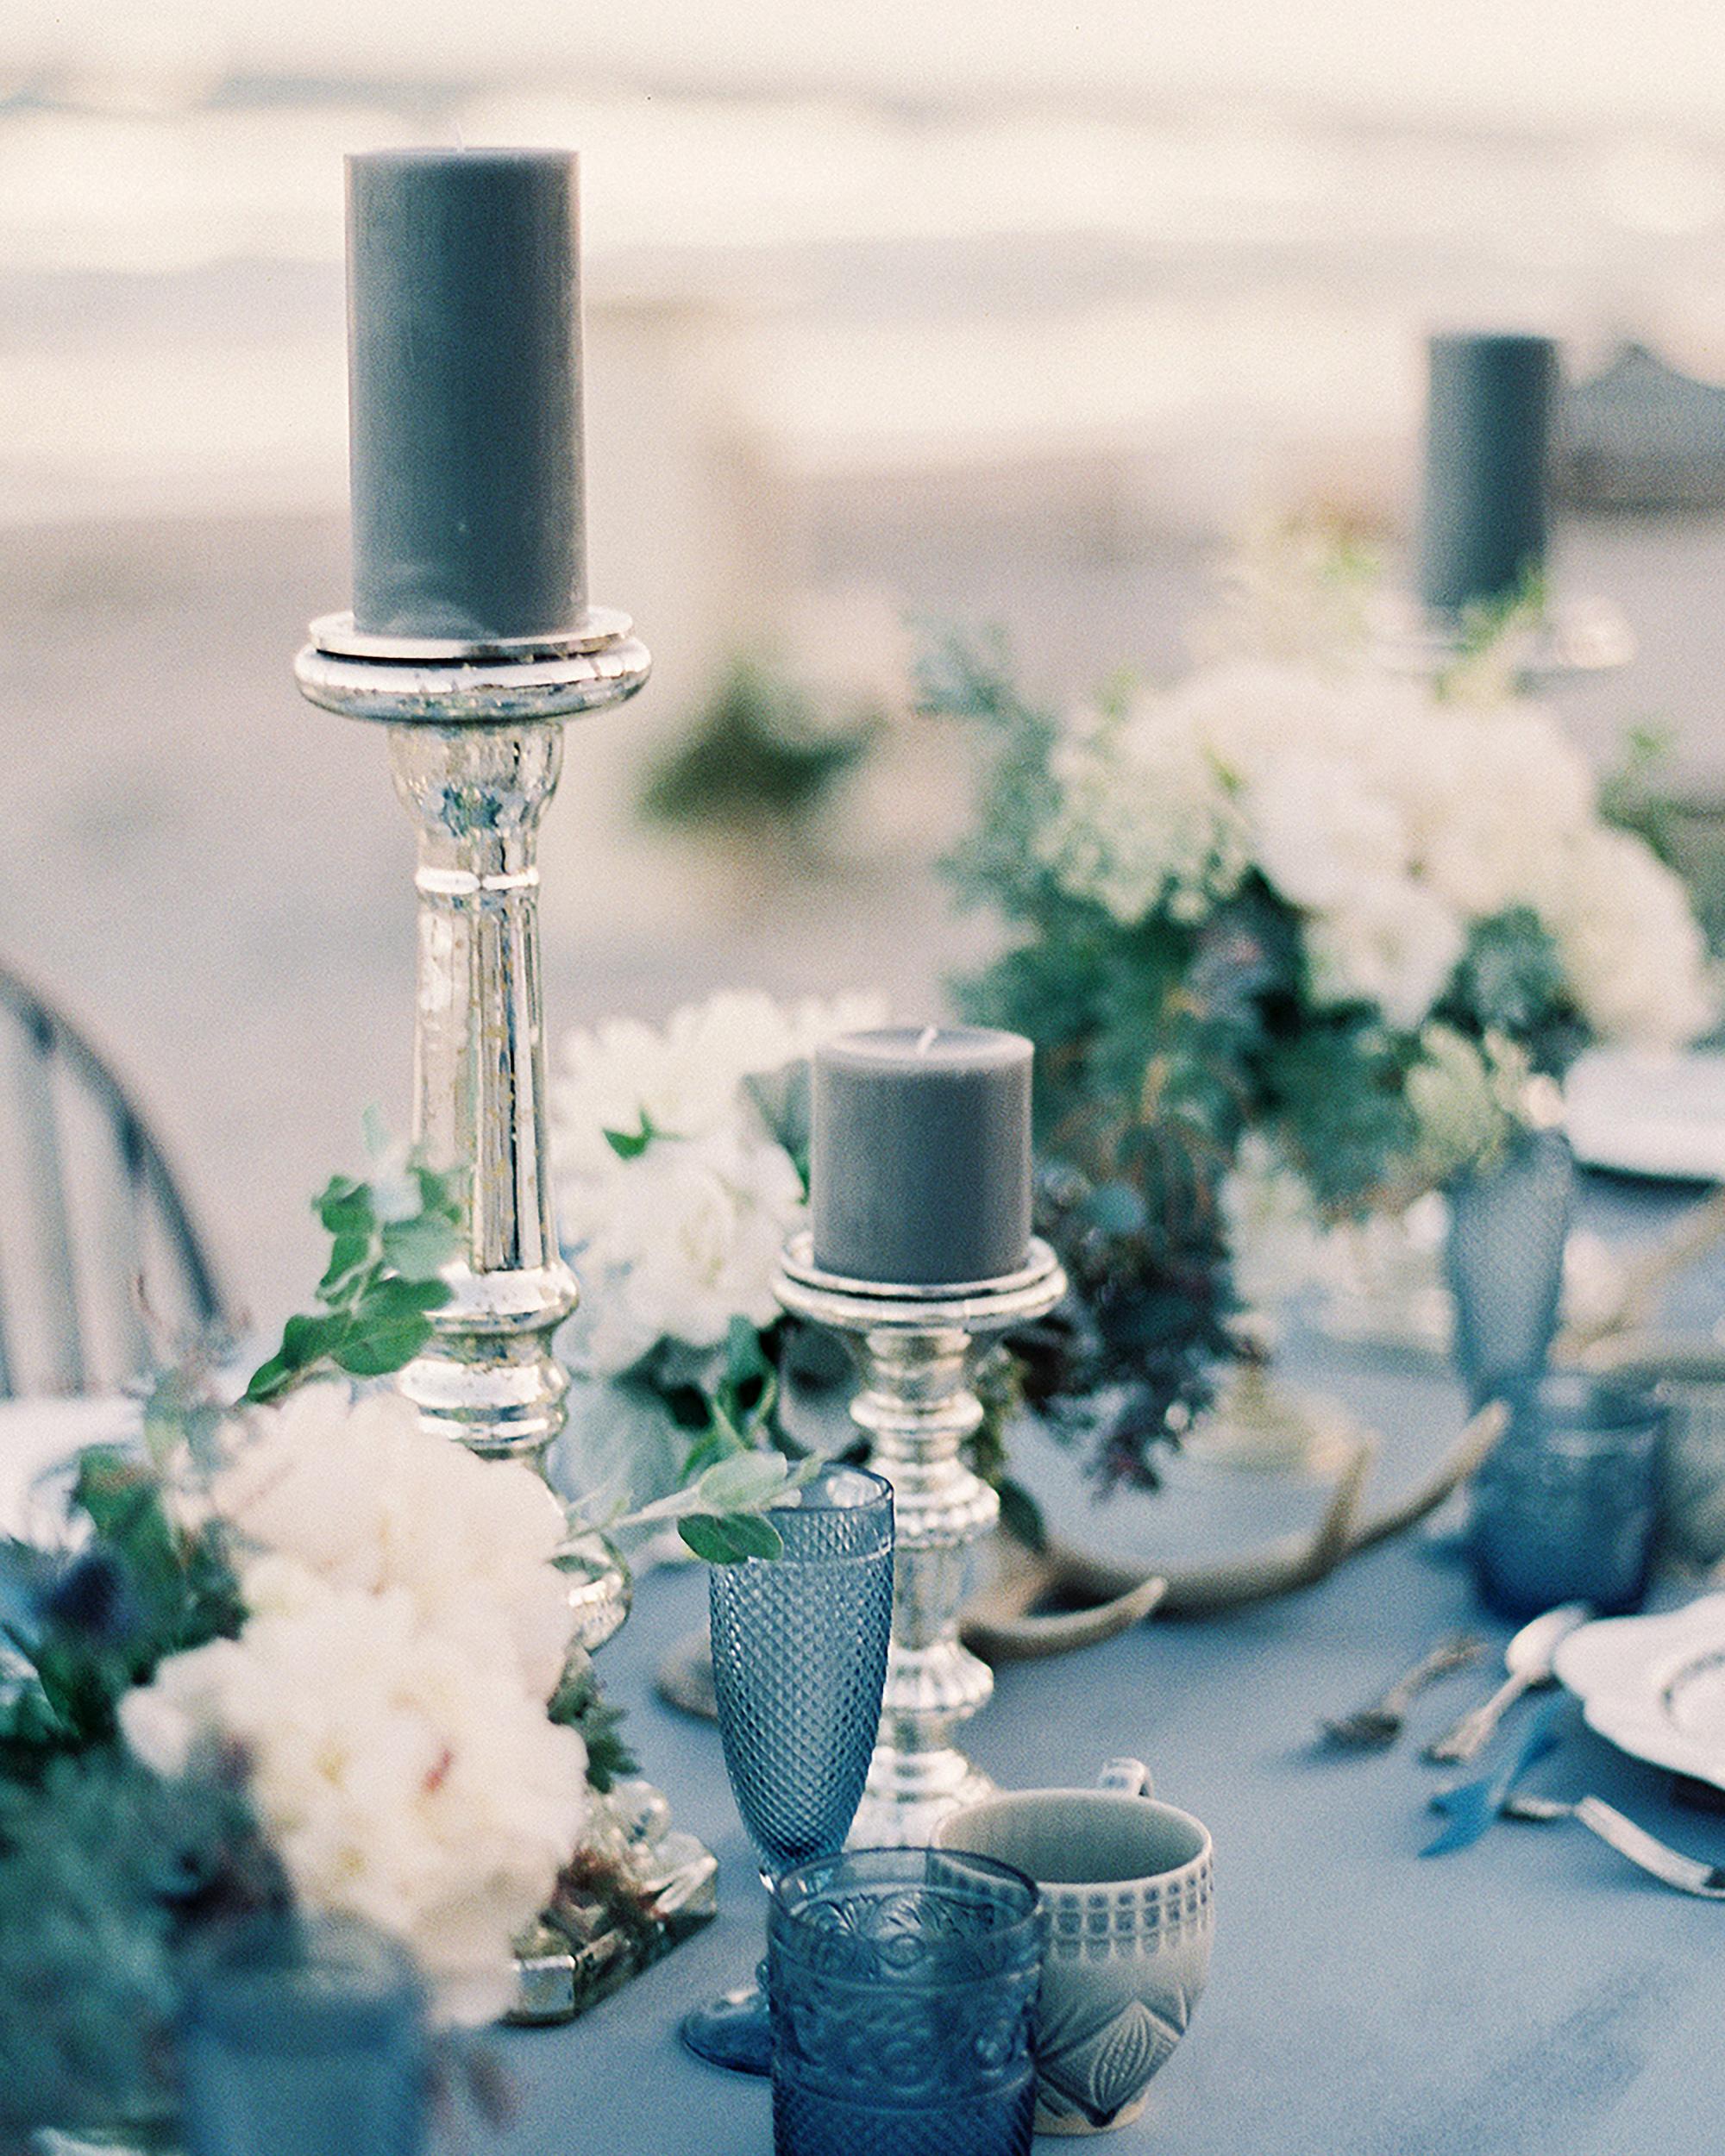 24 Metallic Wedding Ideas That Will Add a Little Shine to Your Big Day Martha Stewart Weddings